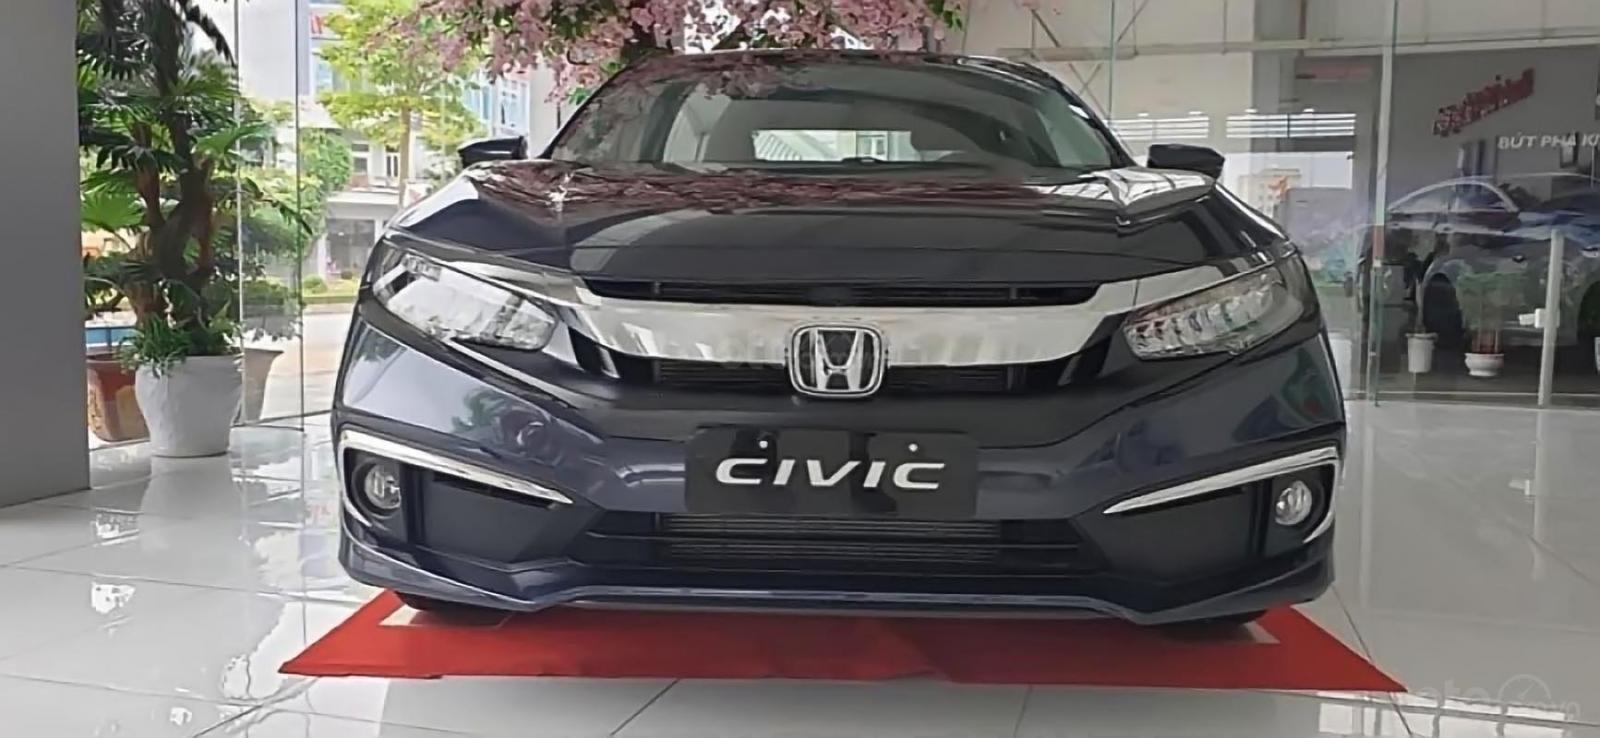 Bán Honda Civic 1.8 G năm 2019, màu xanh lam, xe nhập-1